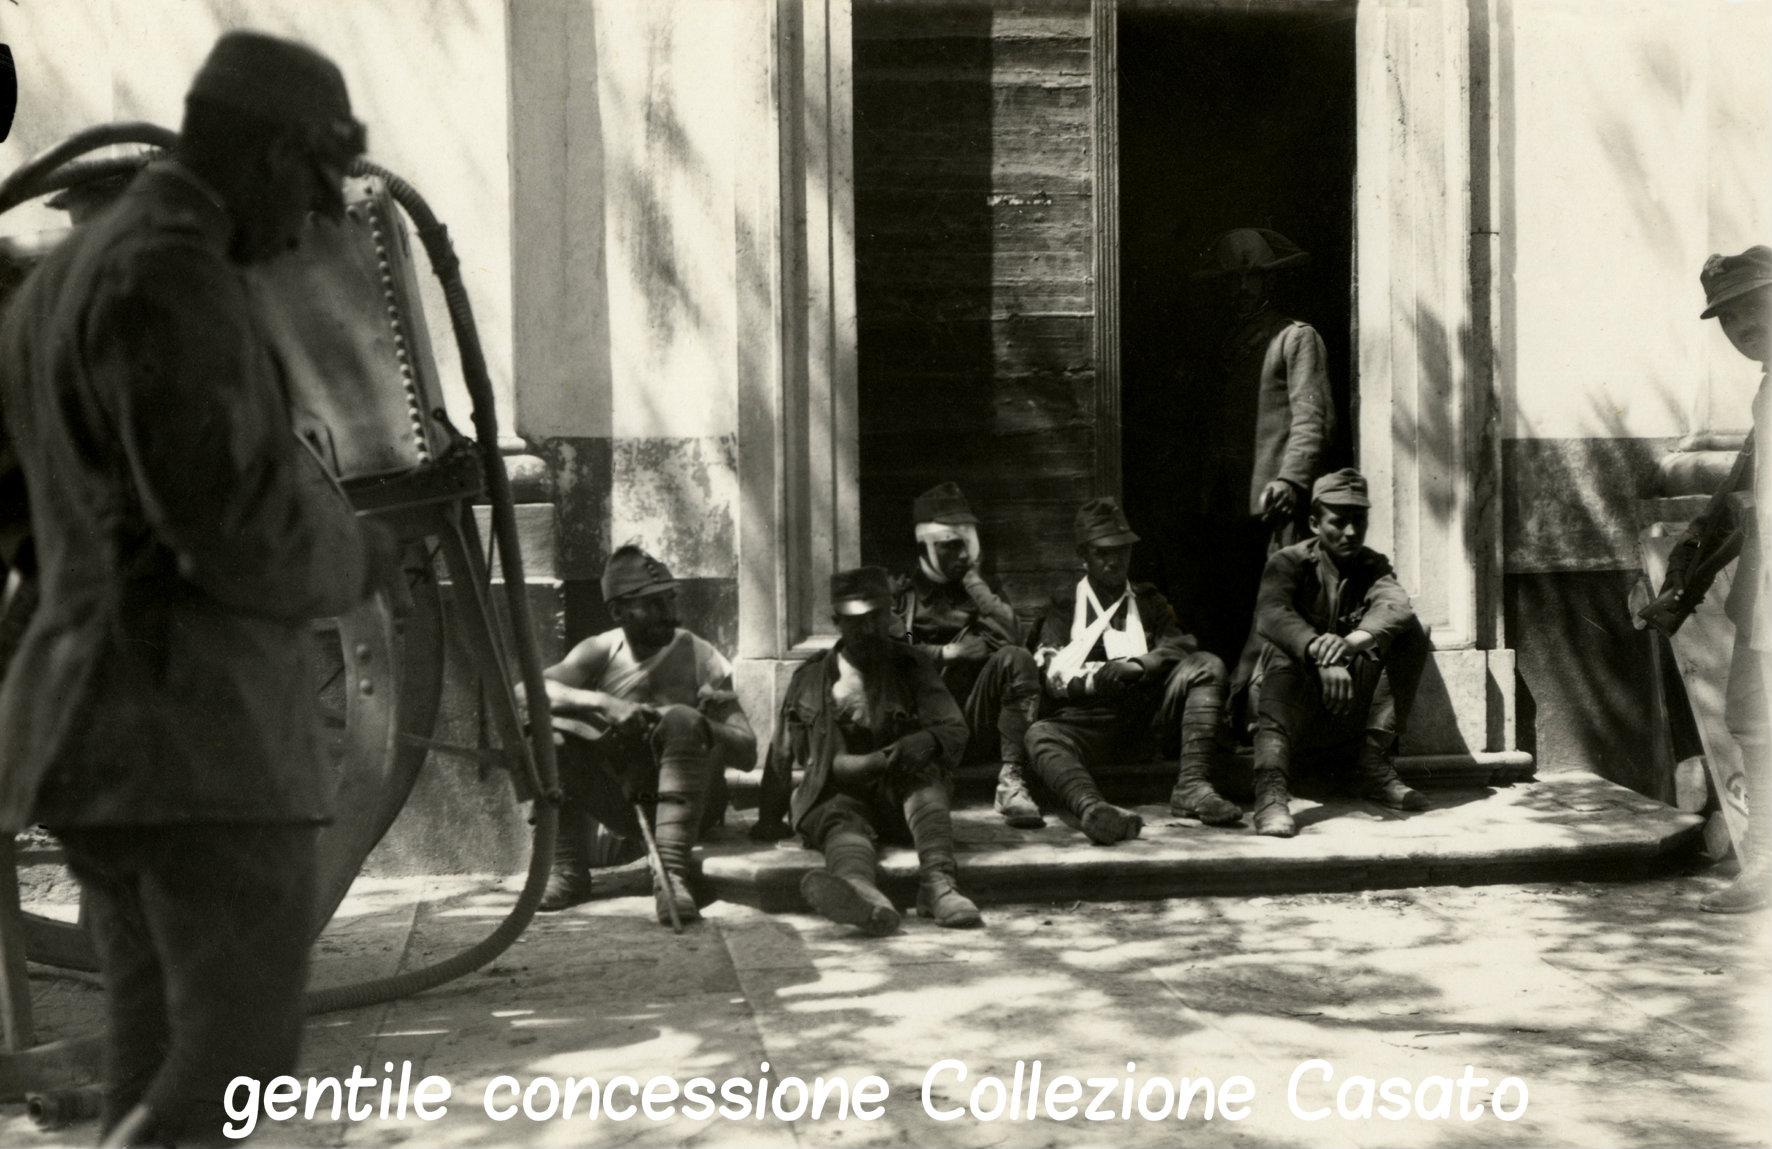 32 - soldati austriaci feriti in attesa di destinazione in un ospedale CRIPTATA CASATO.jpg